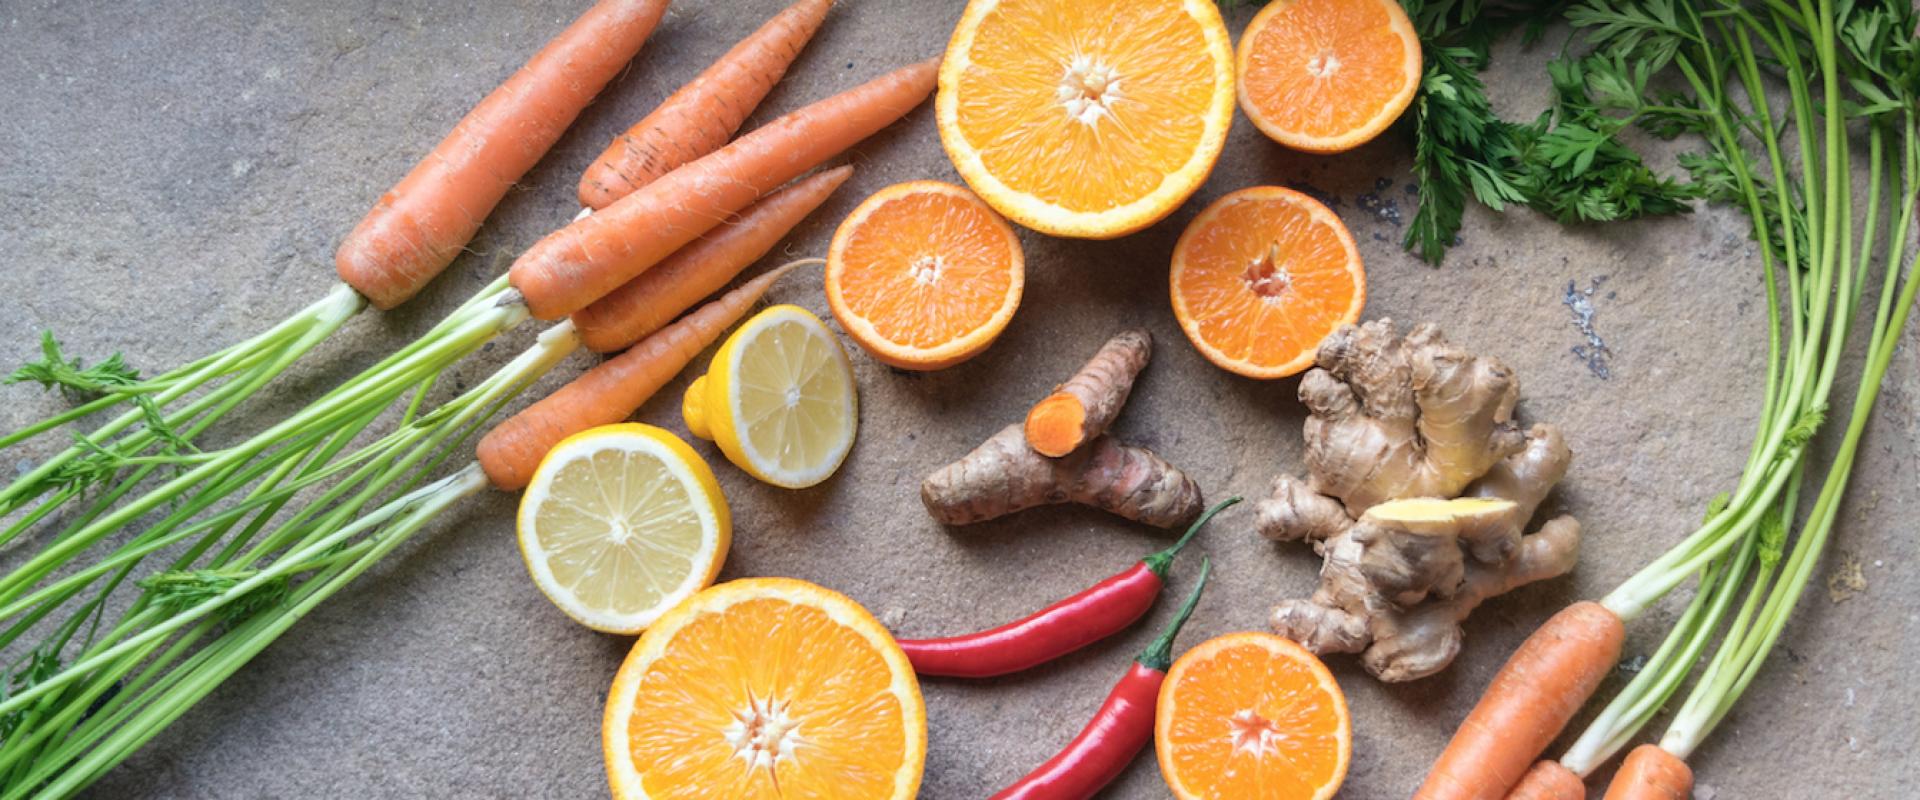 Como comer frutas e verduras em dias frios @JoshMillgate/Unsplash